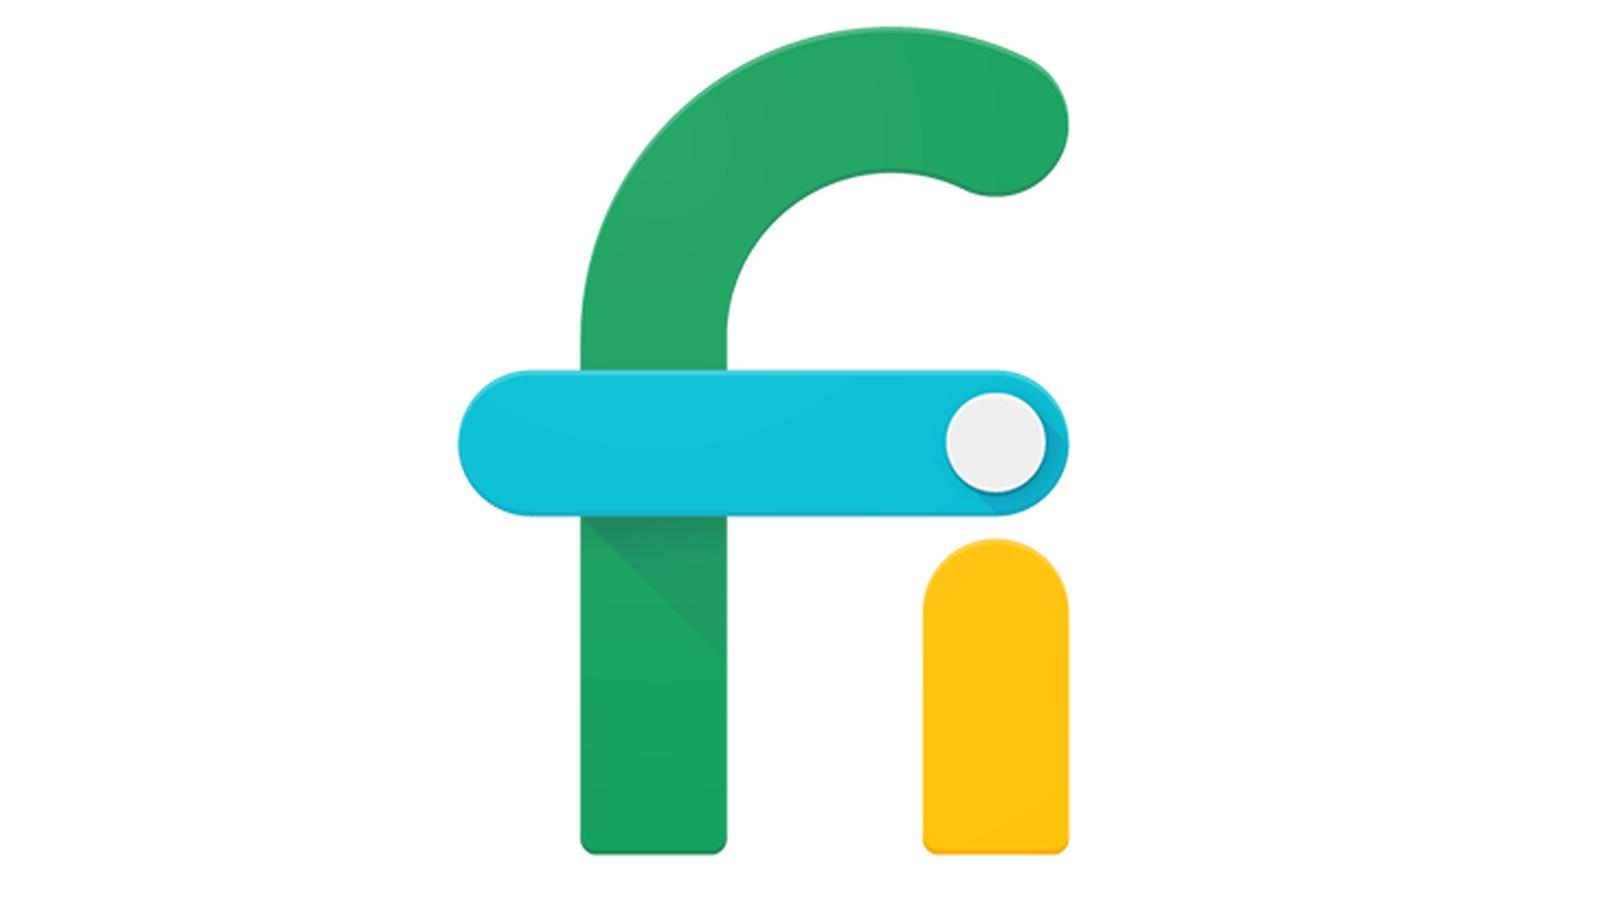 Google's Wireless Service Plans Take Shape In Leaked App